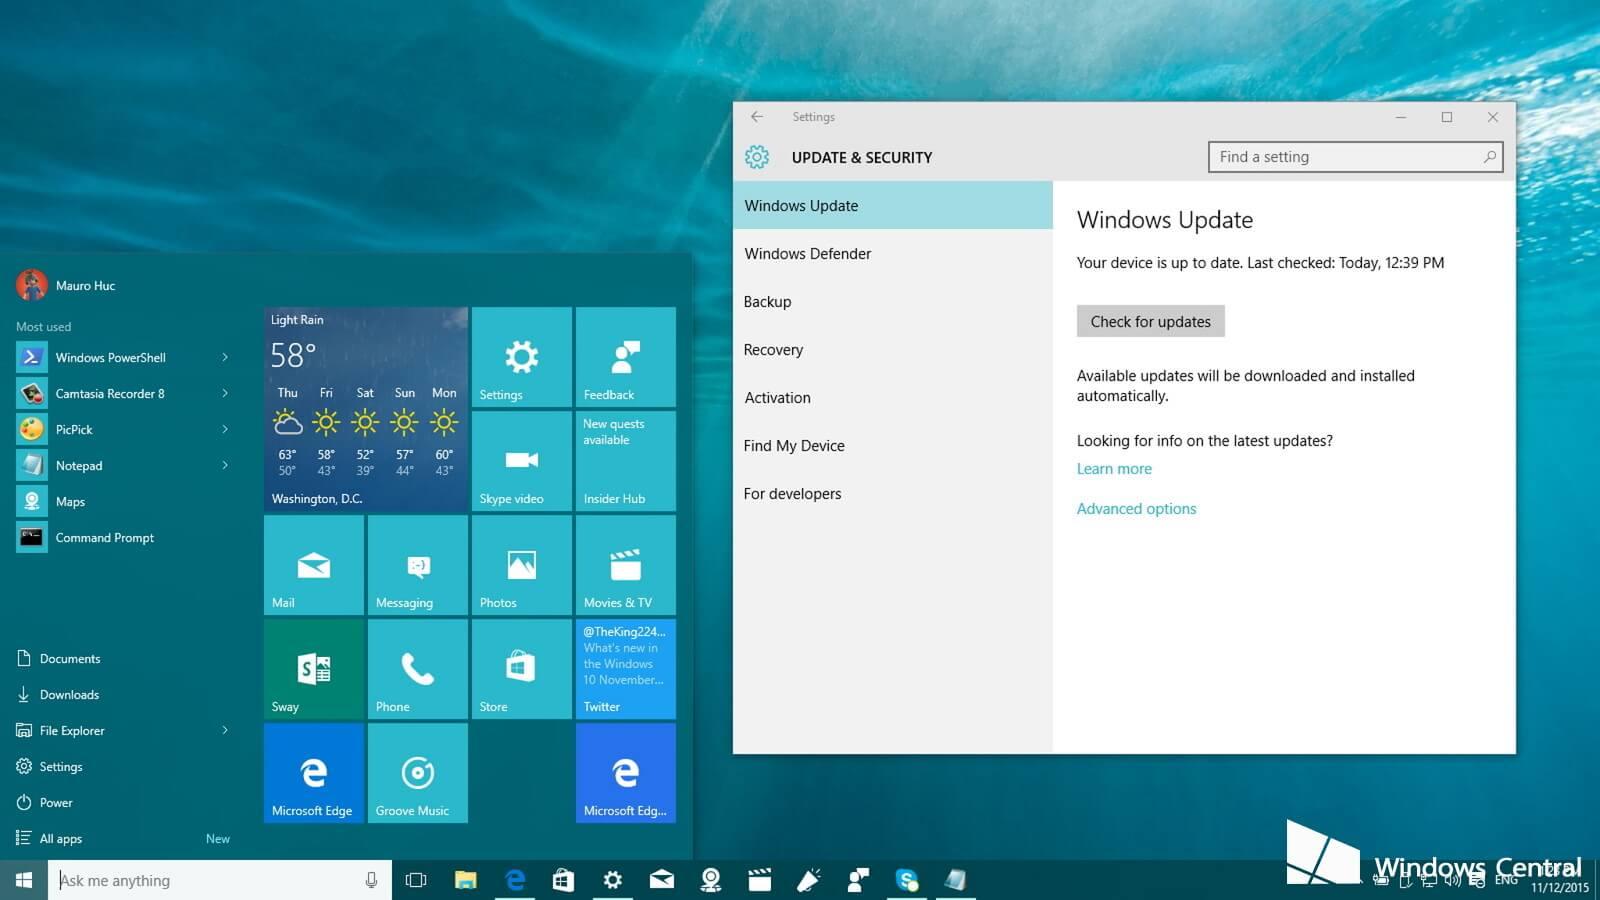 windows update Windows 10 Hataları ve Çözümleri Windows 10 Hataları ve Çözümleri windows update